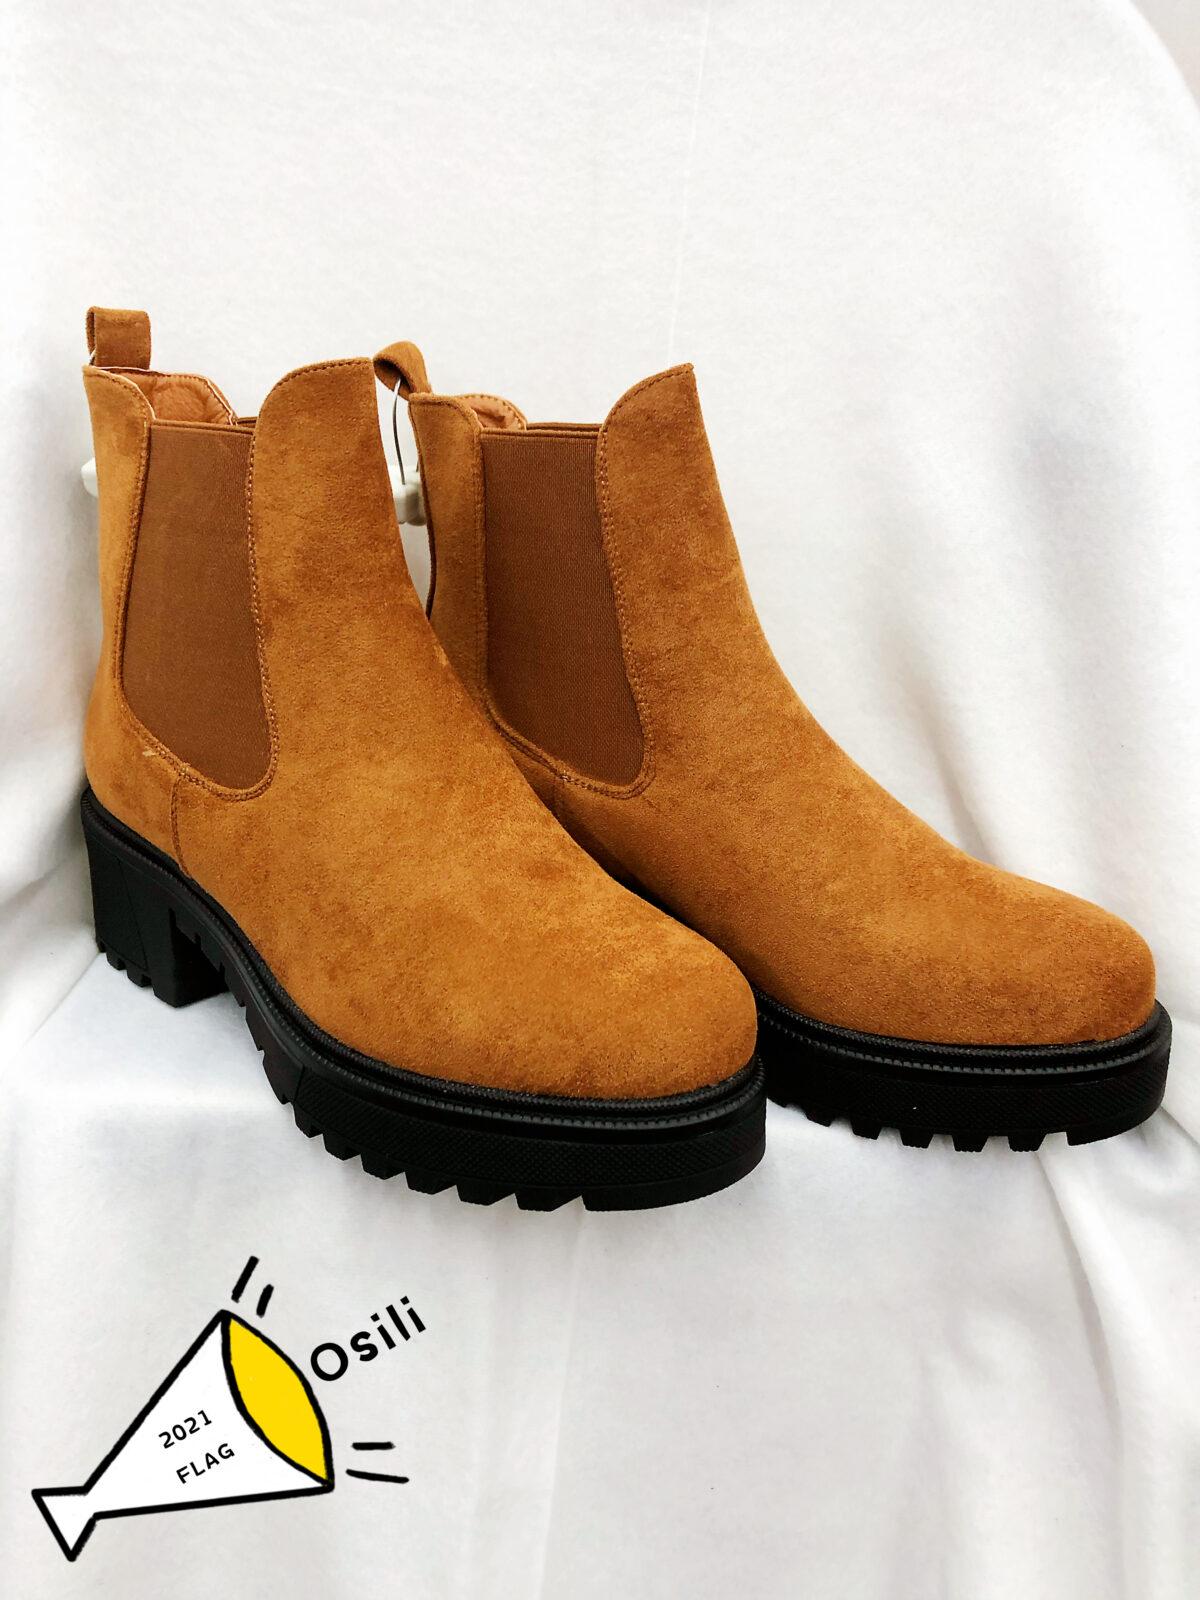 IMG 6941 scaled Osili - Fashion - Divat